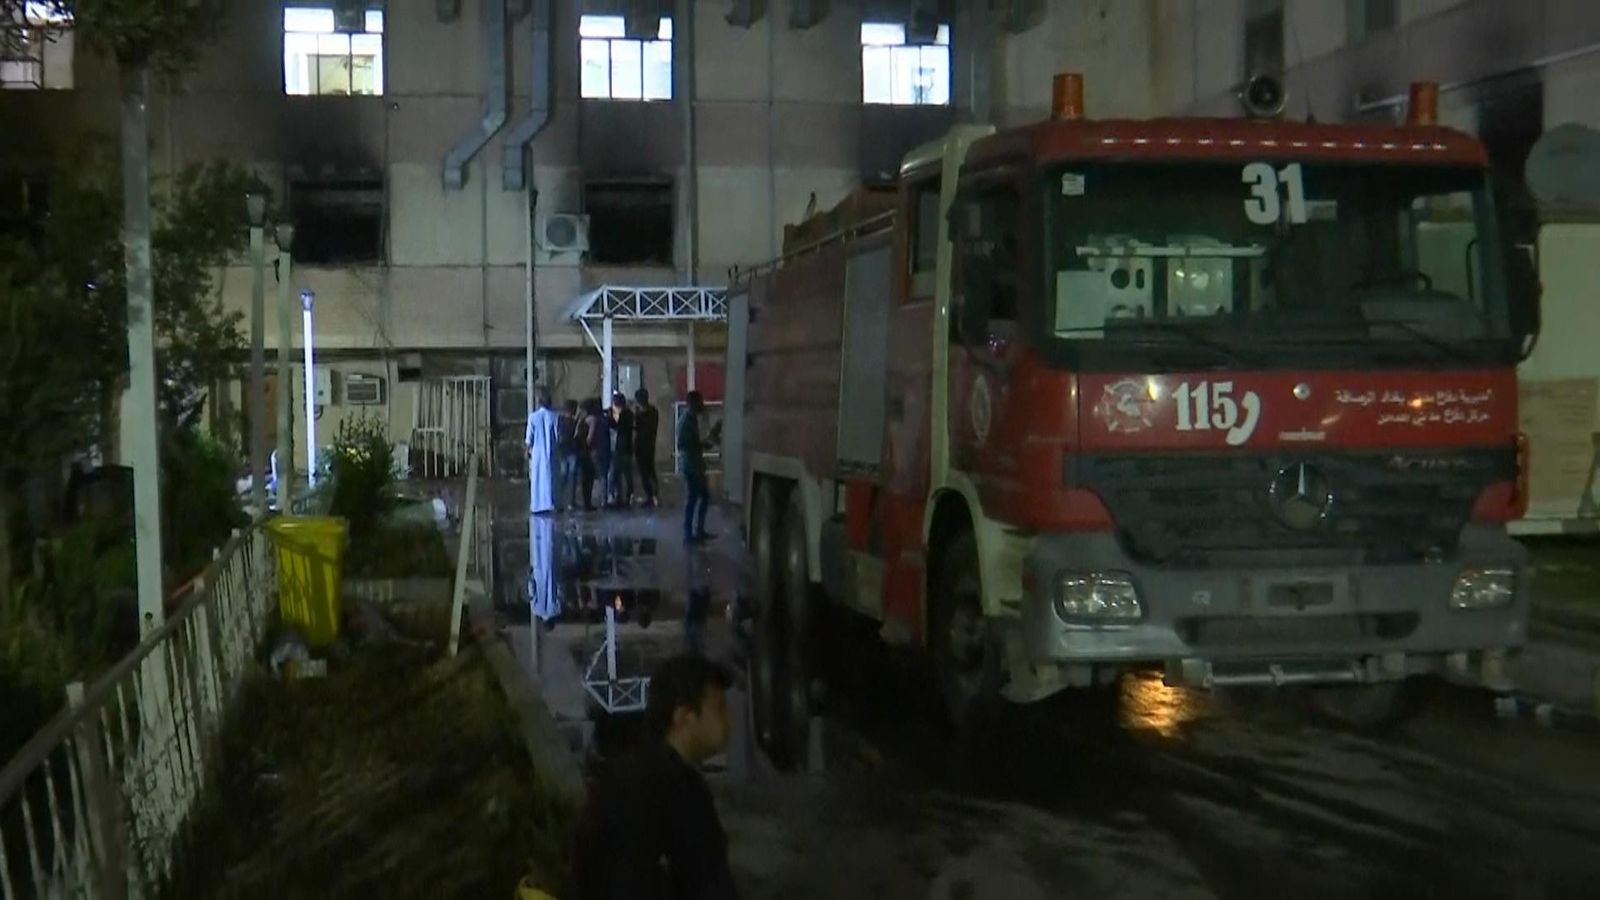 Fire kills dozens of COVID-19